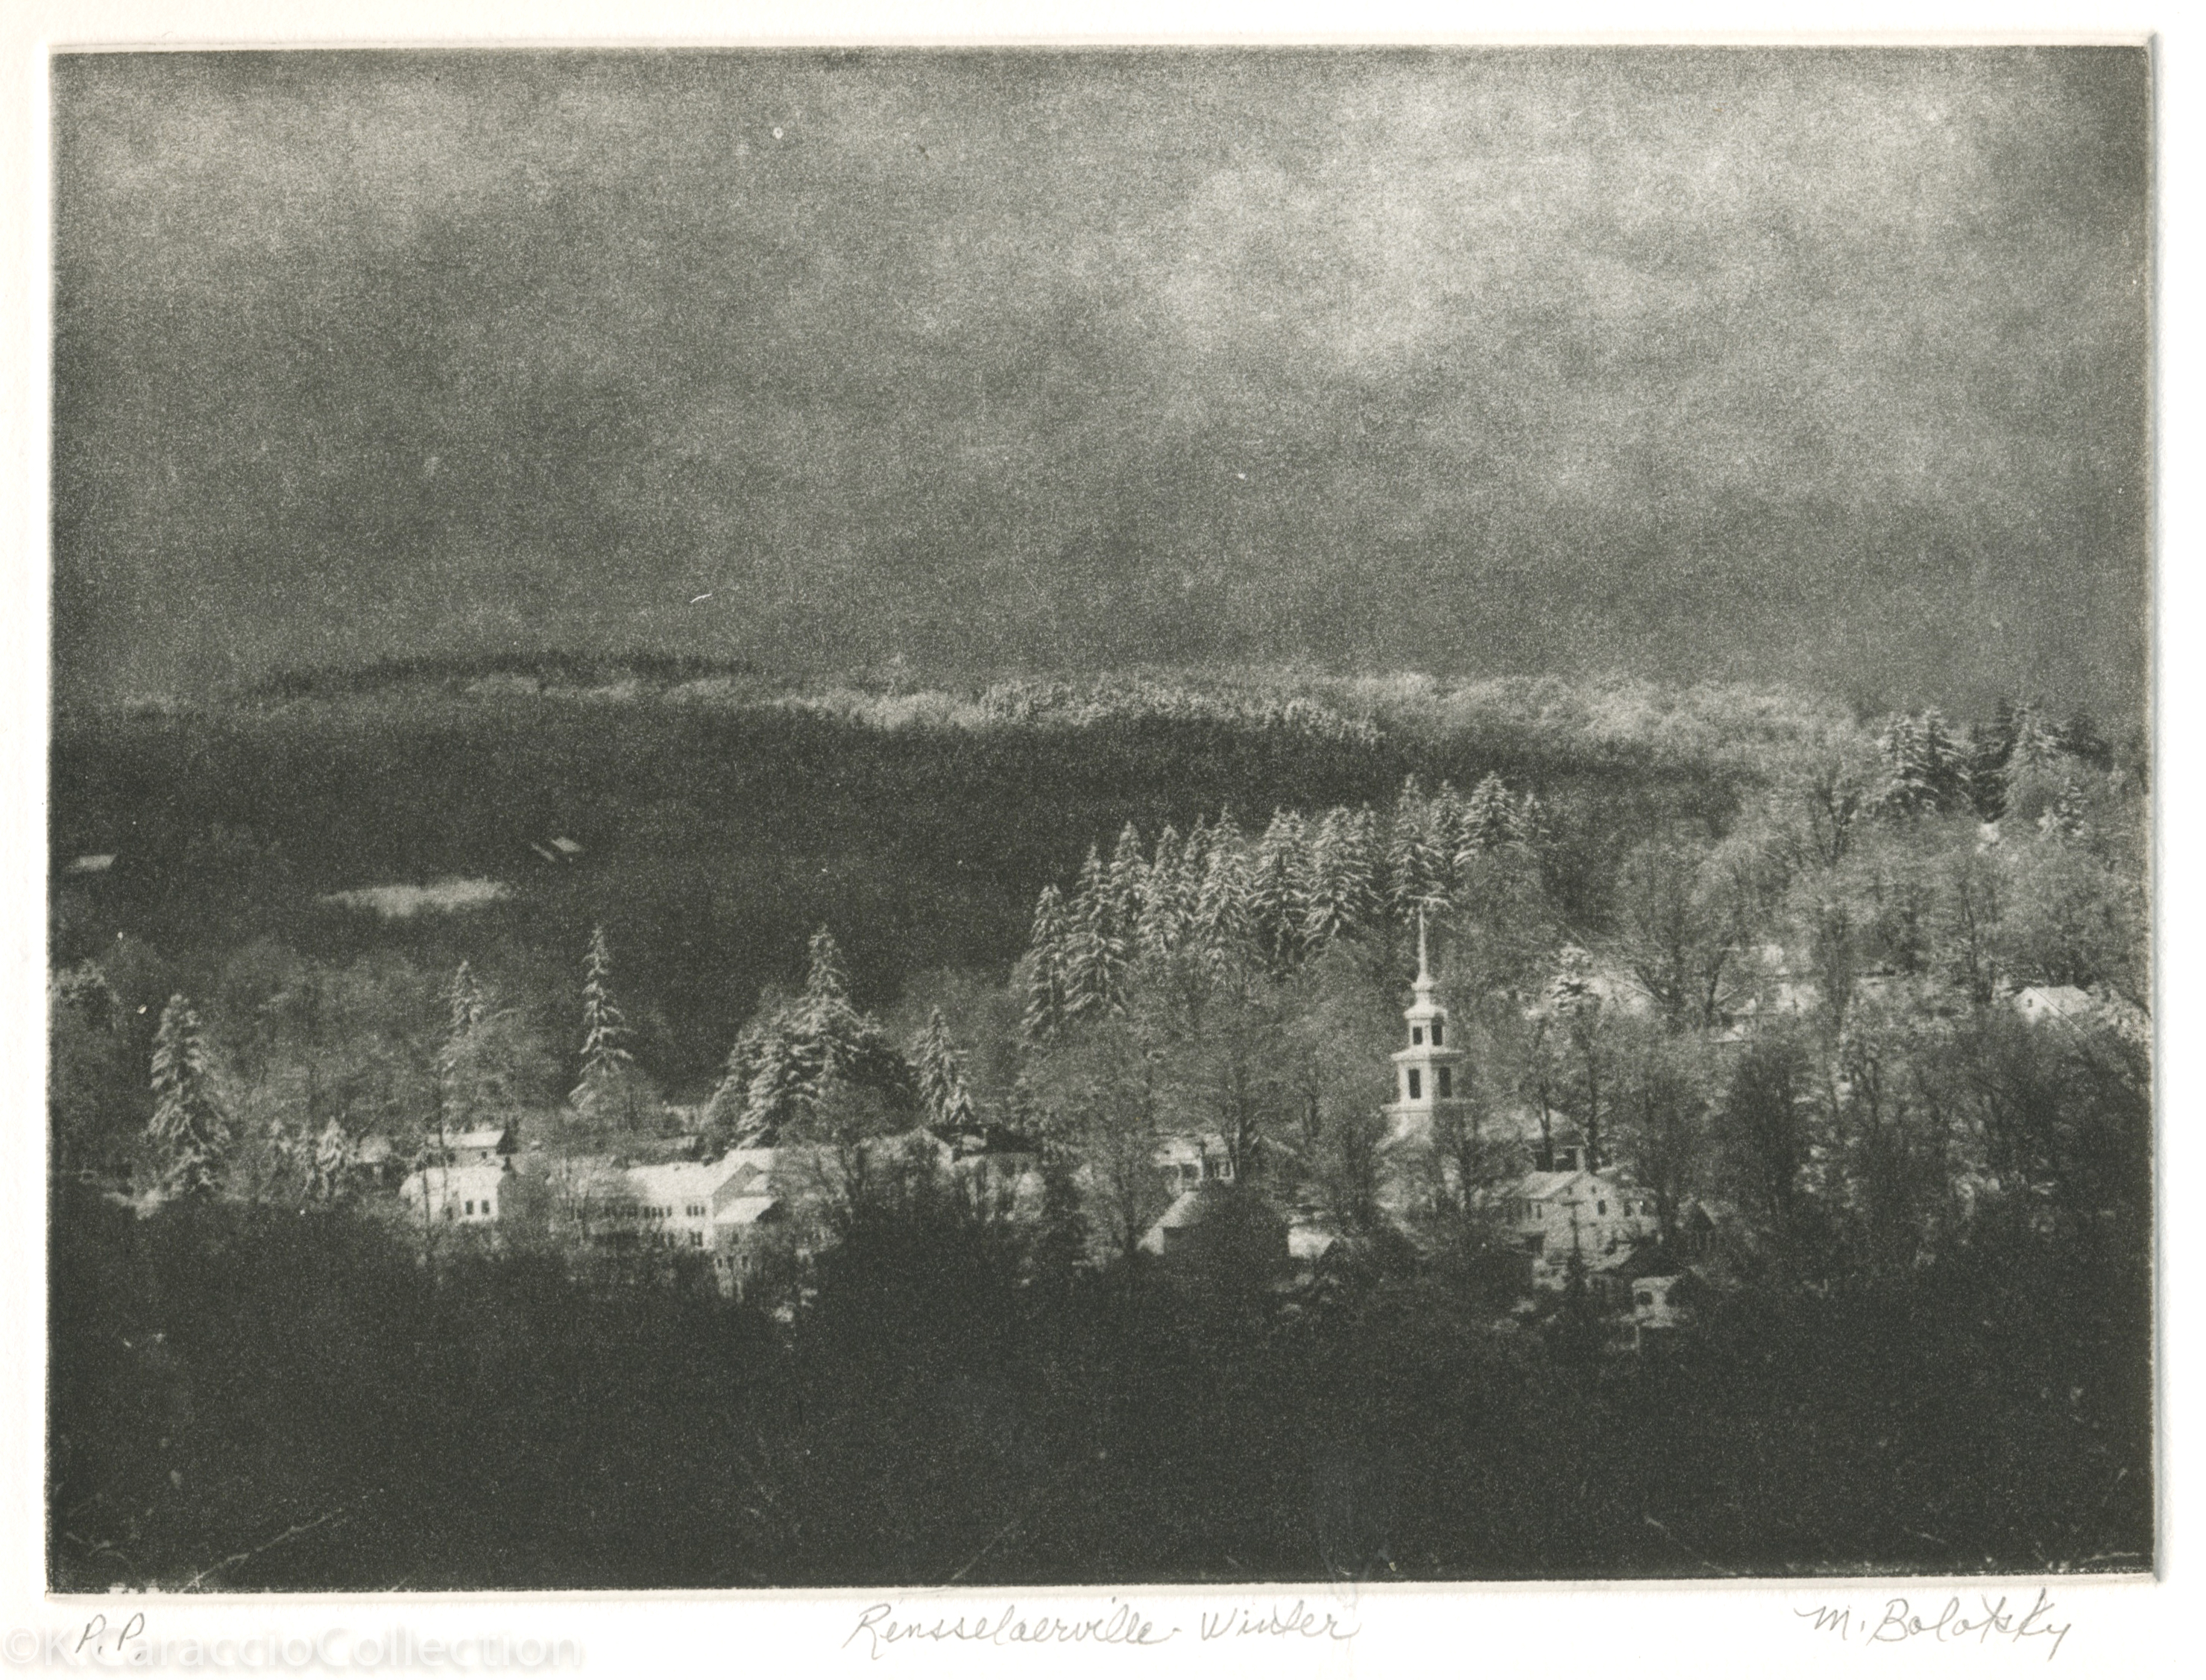 Rensselaerville, 2004